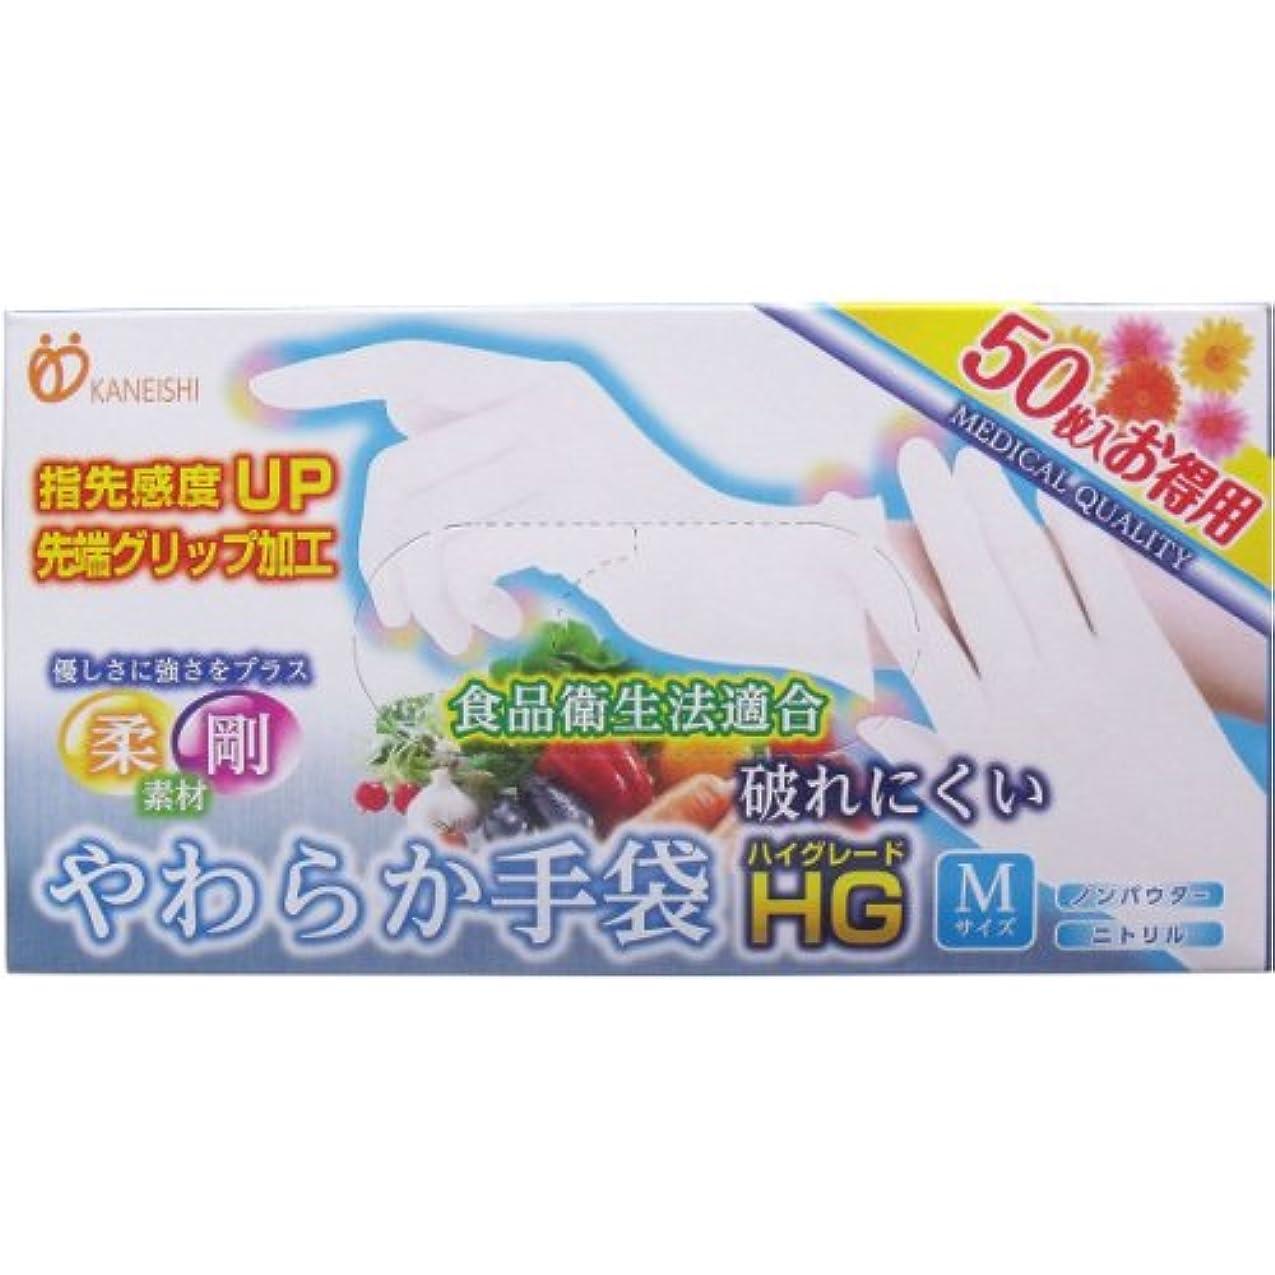 哀スタッフリップ[12月23日まで特価]やわらか手袋HG(ハイグレード) 二トリル手袋 パウダーフリー Mサイズ 50枚入×5個セット